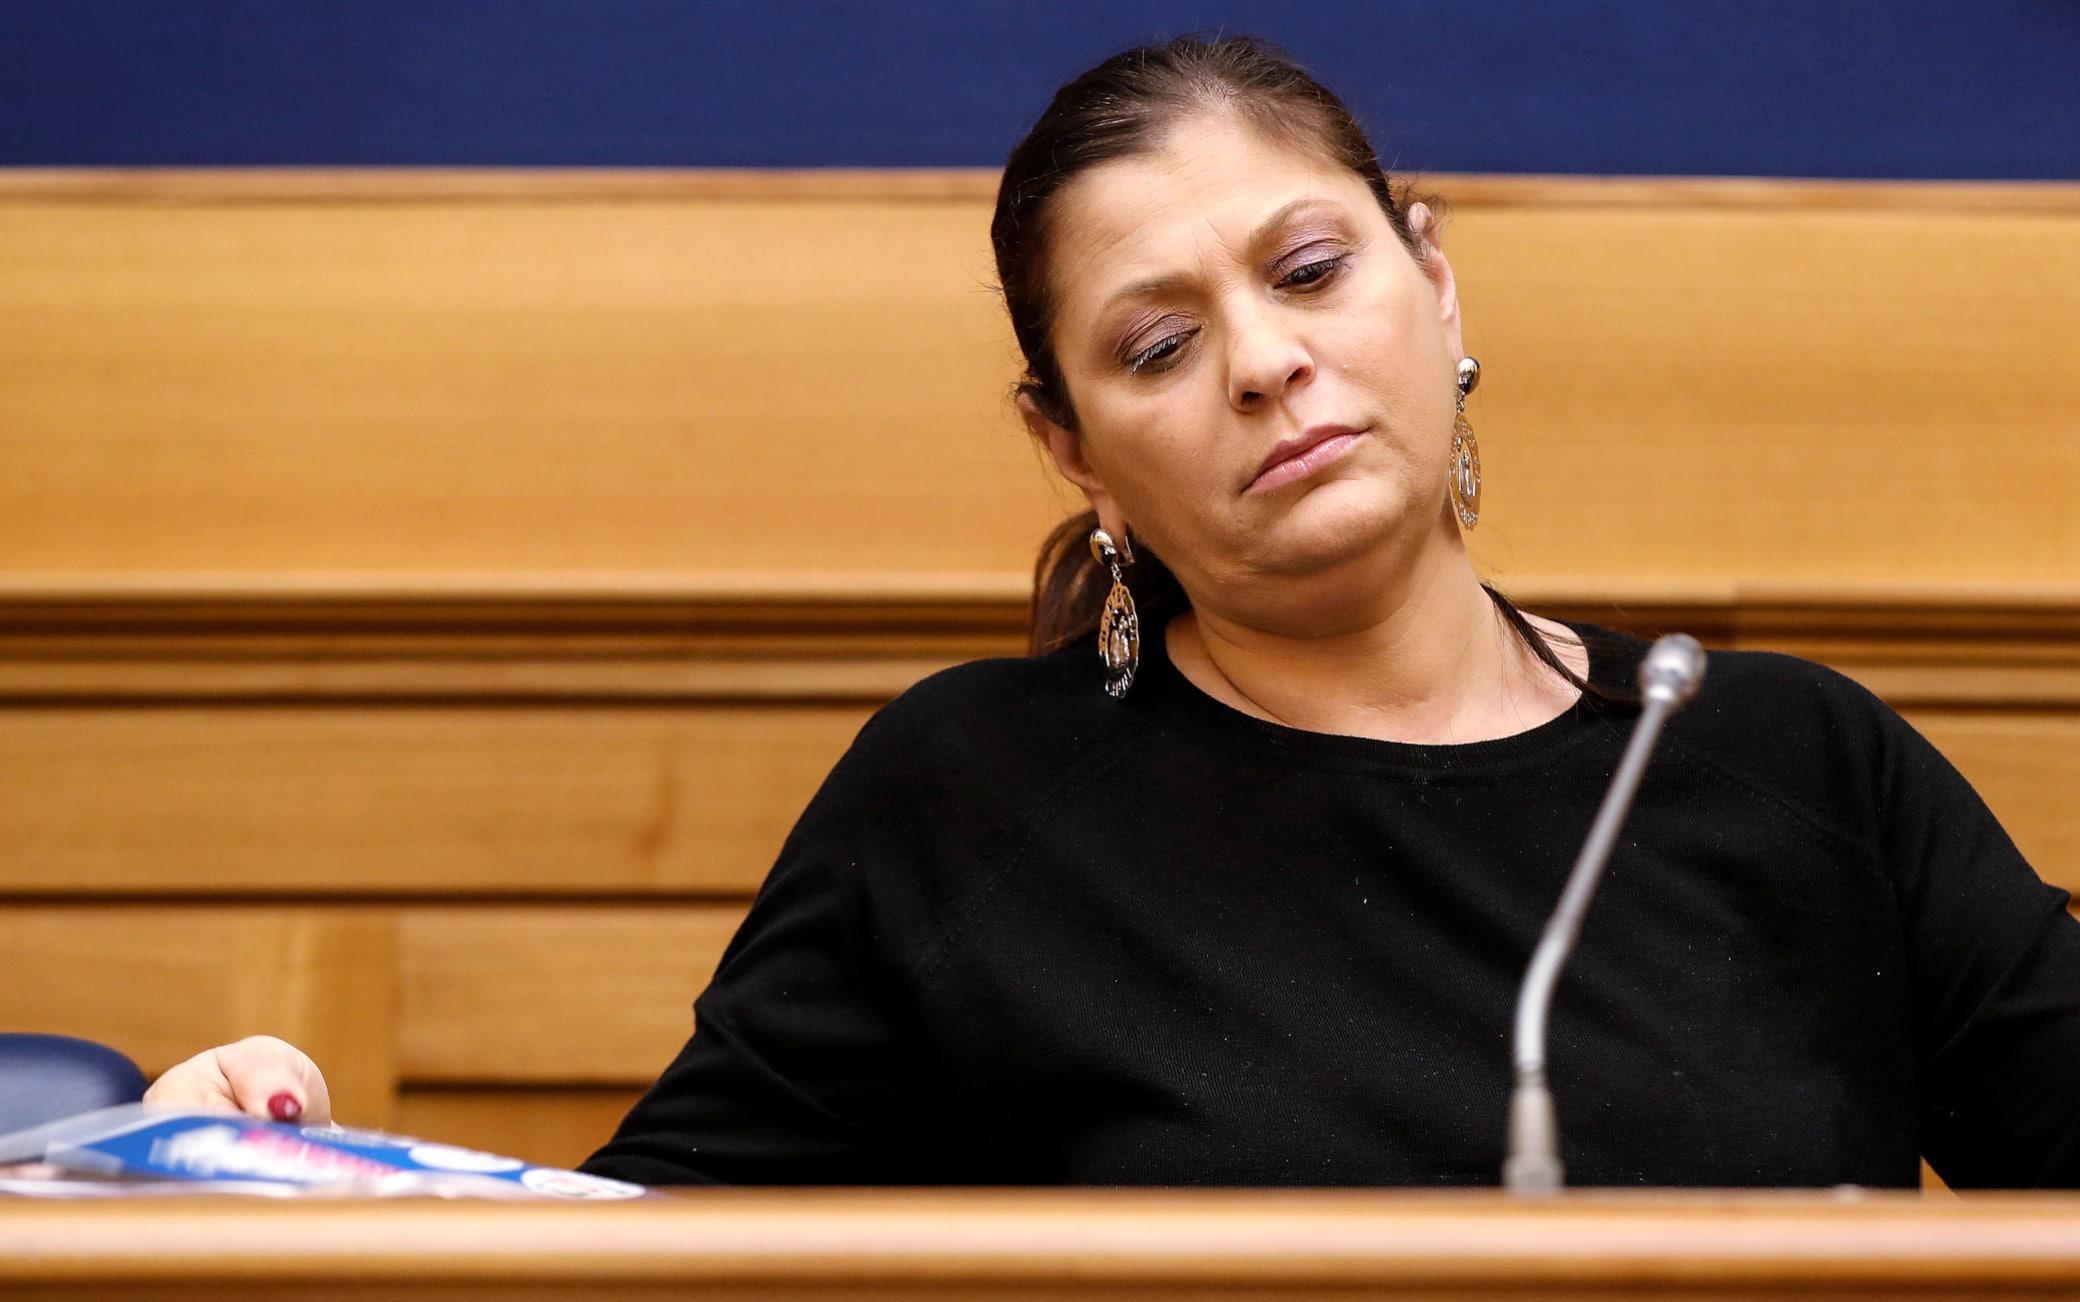 Jole Santelli Morta La Presidente Della Regione Calabria